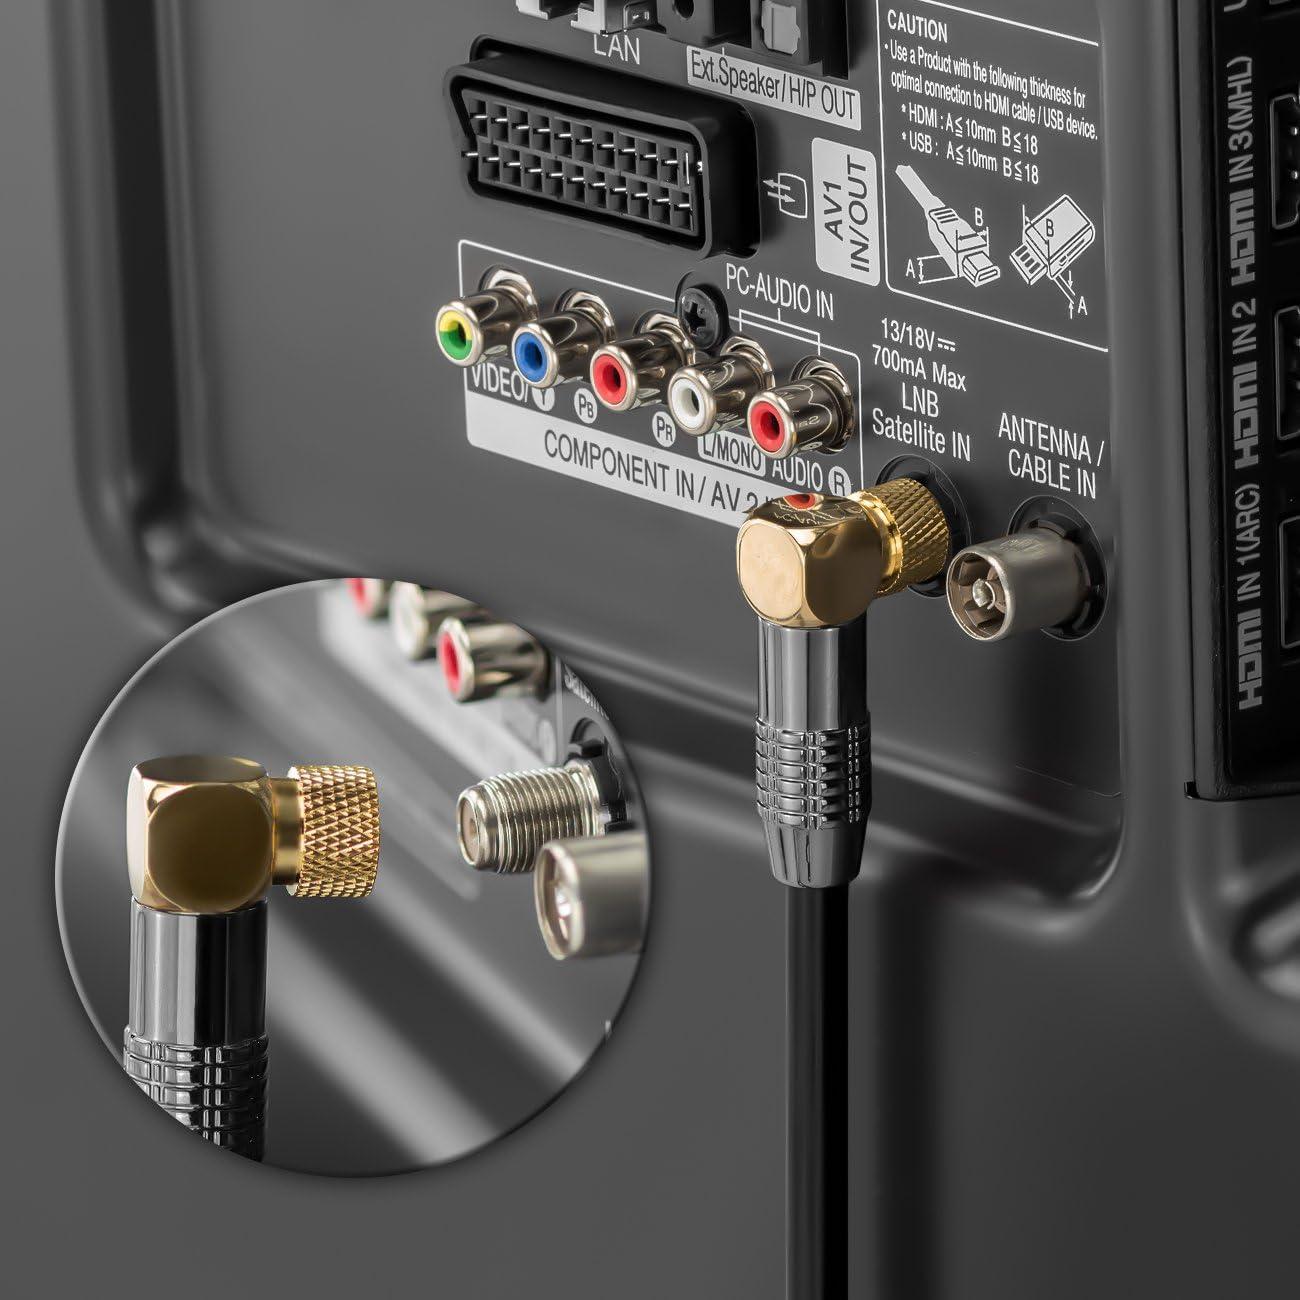 deleyCON 2m Sat Cable de Antena Cable de Satélite Cable Coaxial 100 dB HDTV Full HD - Conector F 90° Grados en Ángulo en Conector F Recto - Conector ...